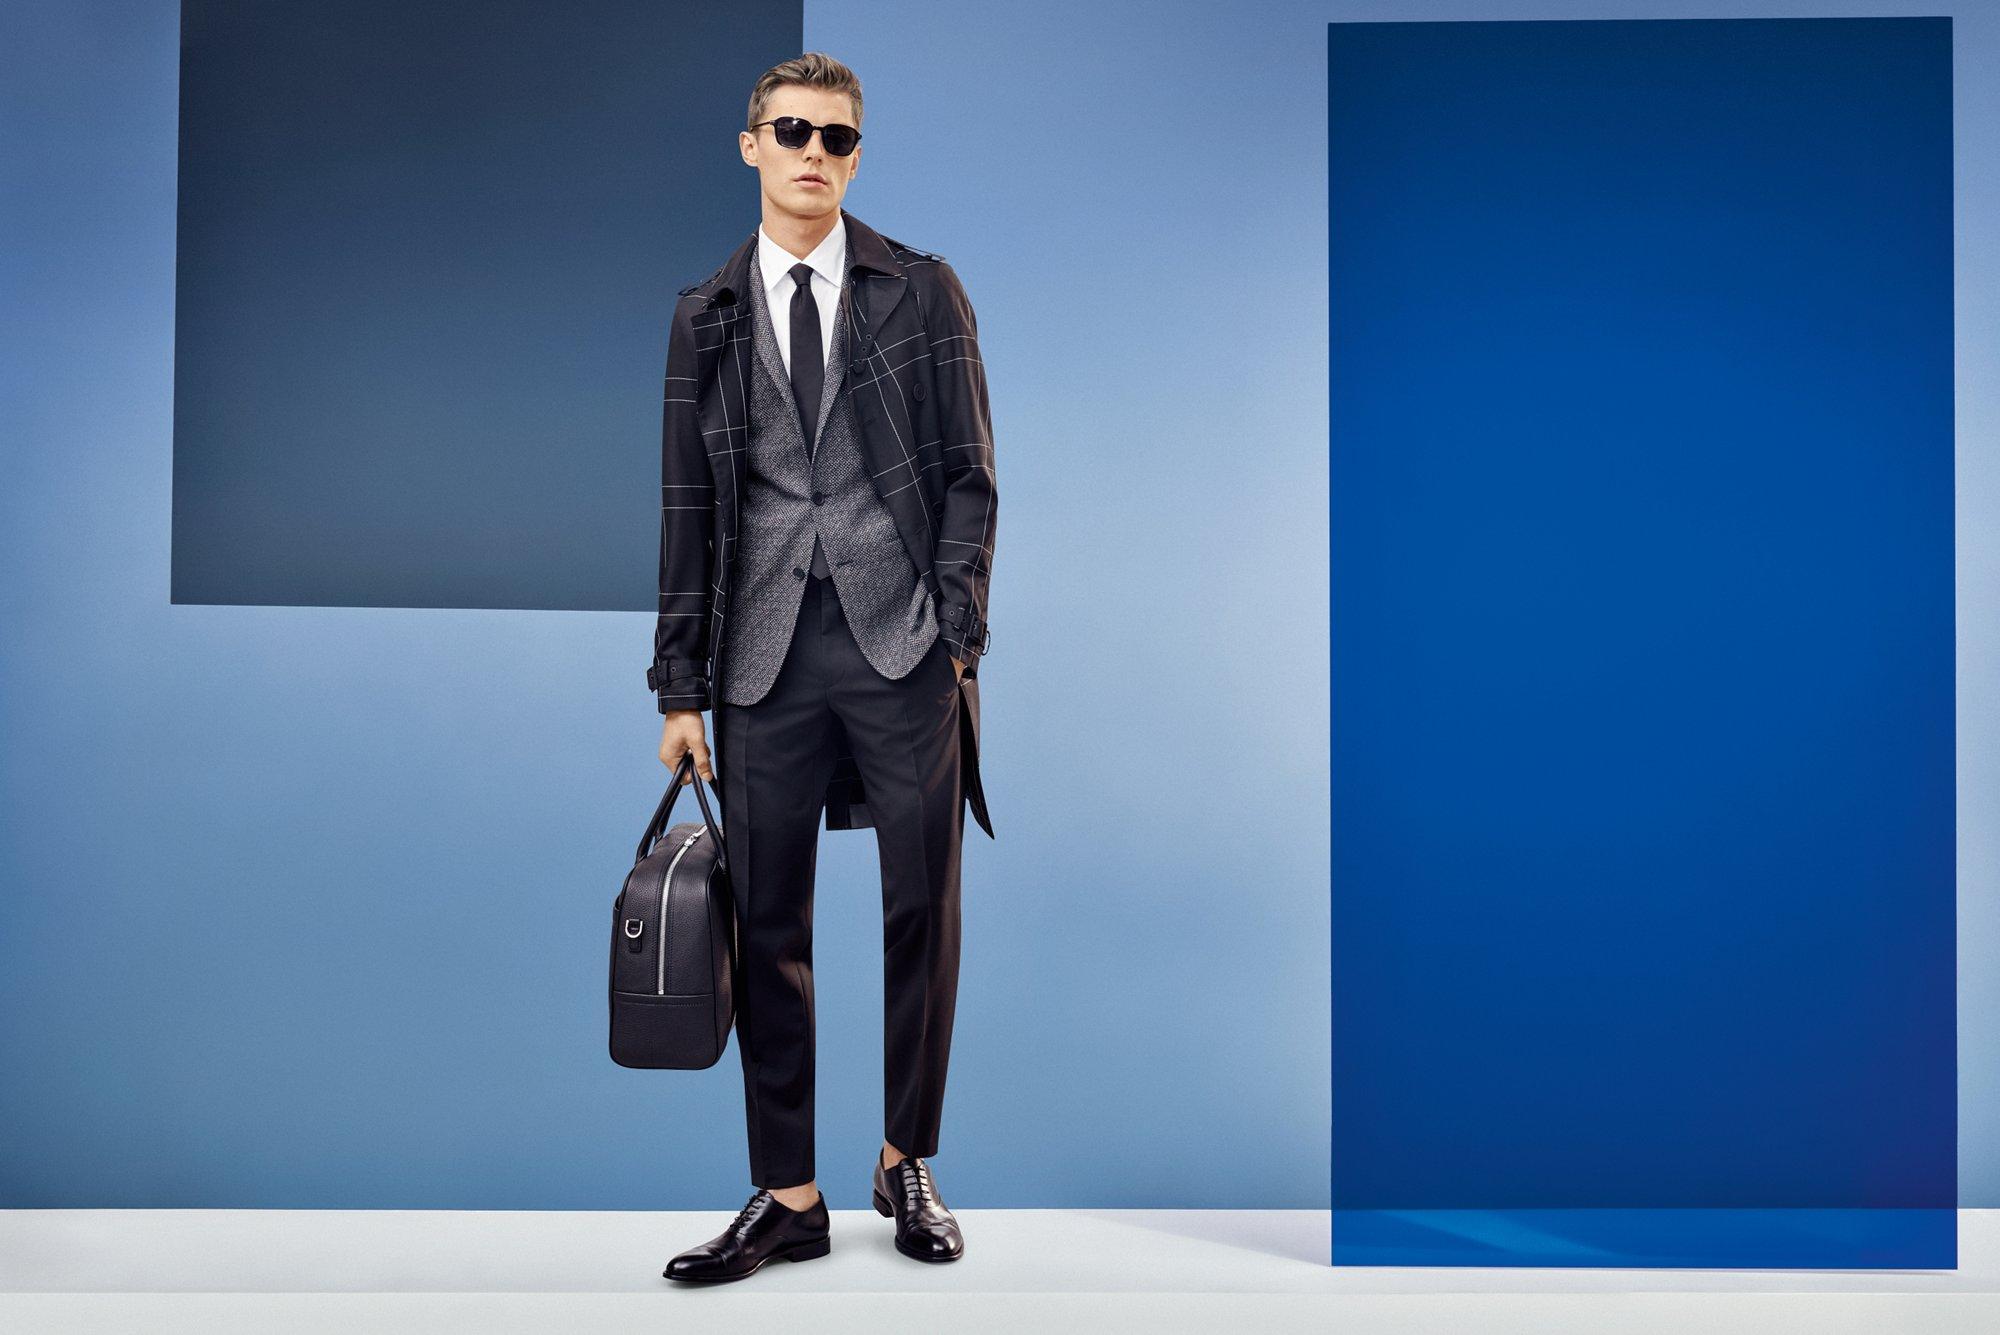 就好像女人永远少一双高跟鞋,男人也永远少一件外套。那件能让你一改往日优雅形象,让人眼前一亮的外套。造型抢眼的外套不仅能让你在寒冬里保持温度,更为你的型格加分。只需穿上这件抢眼的外套,焕然一新的你就是世界的主角。